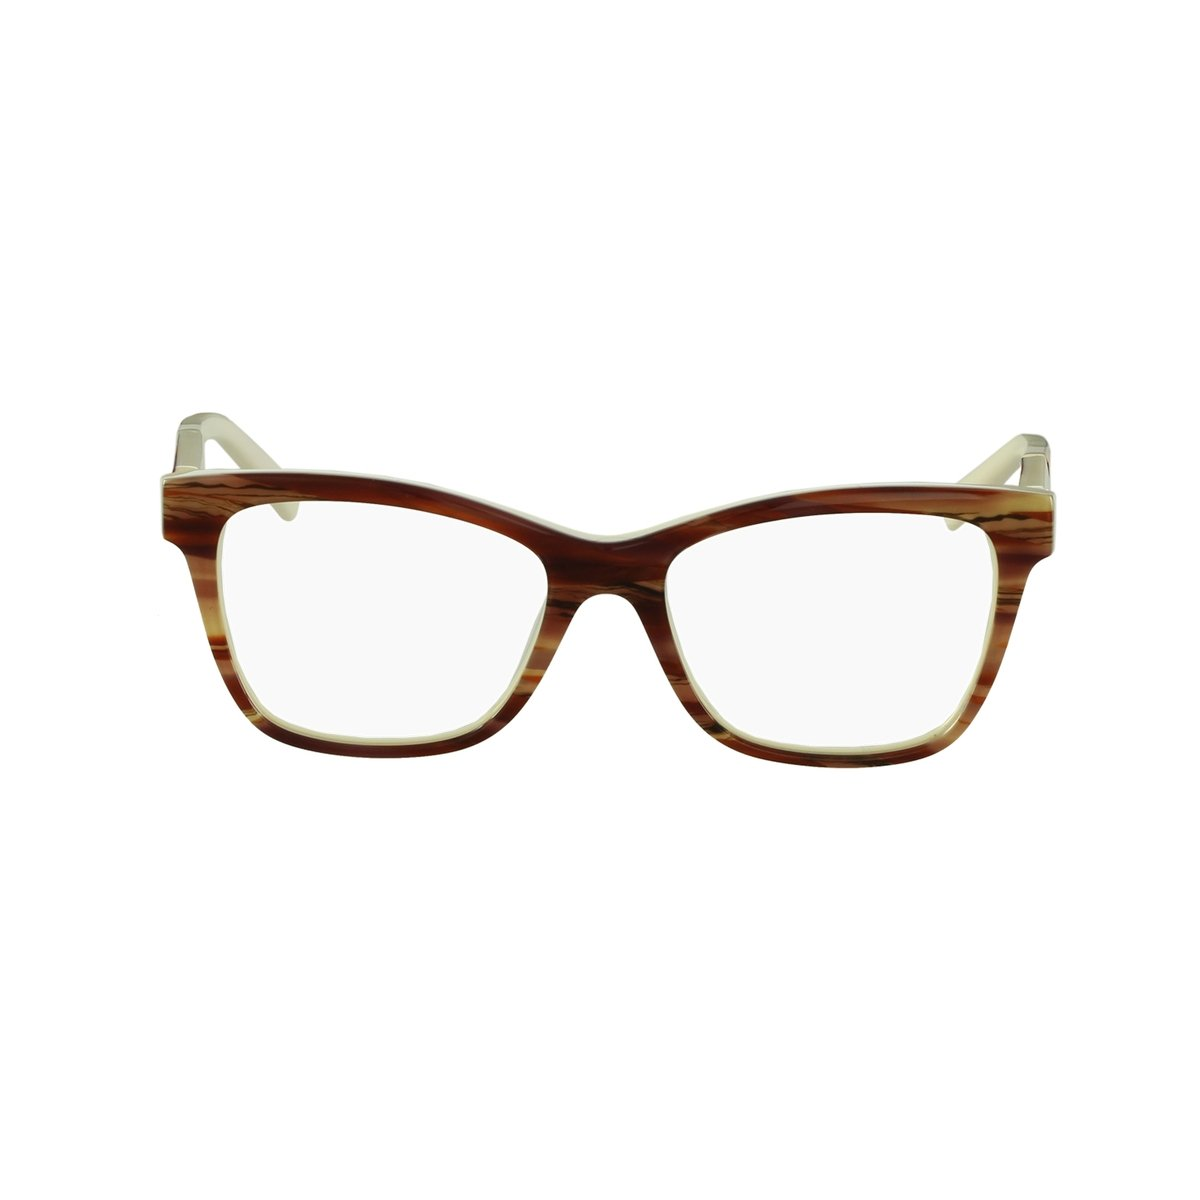 36c1aba5f8f17 Armação redonda para óculos de grau preta em acetato com haste dourada